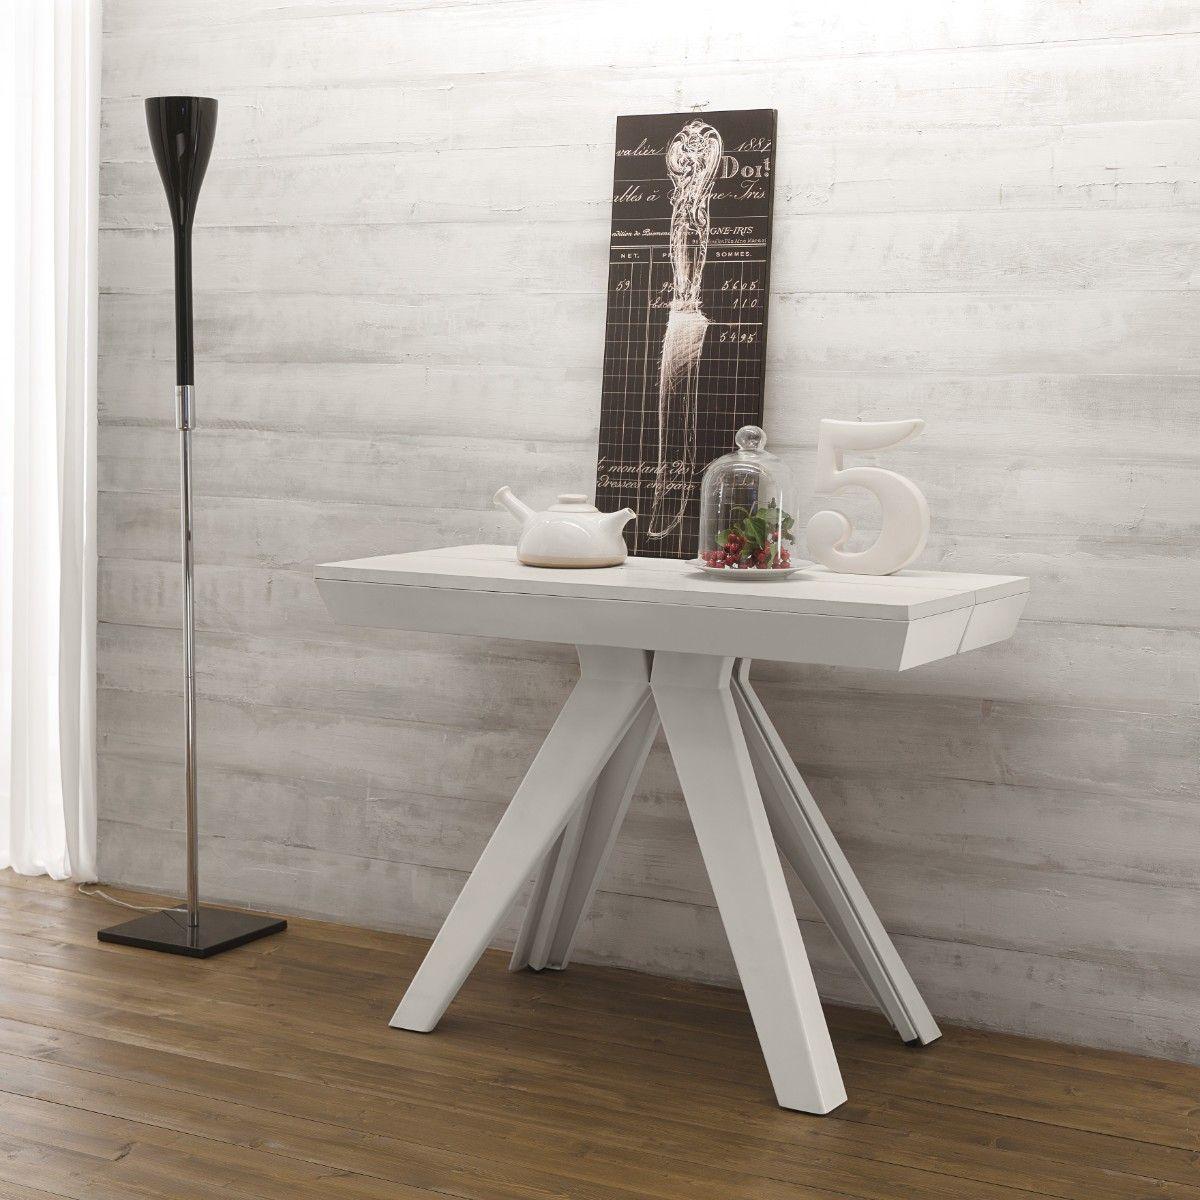 Consolle allungabile in tavolo Rapida design moderno